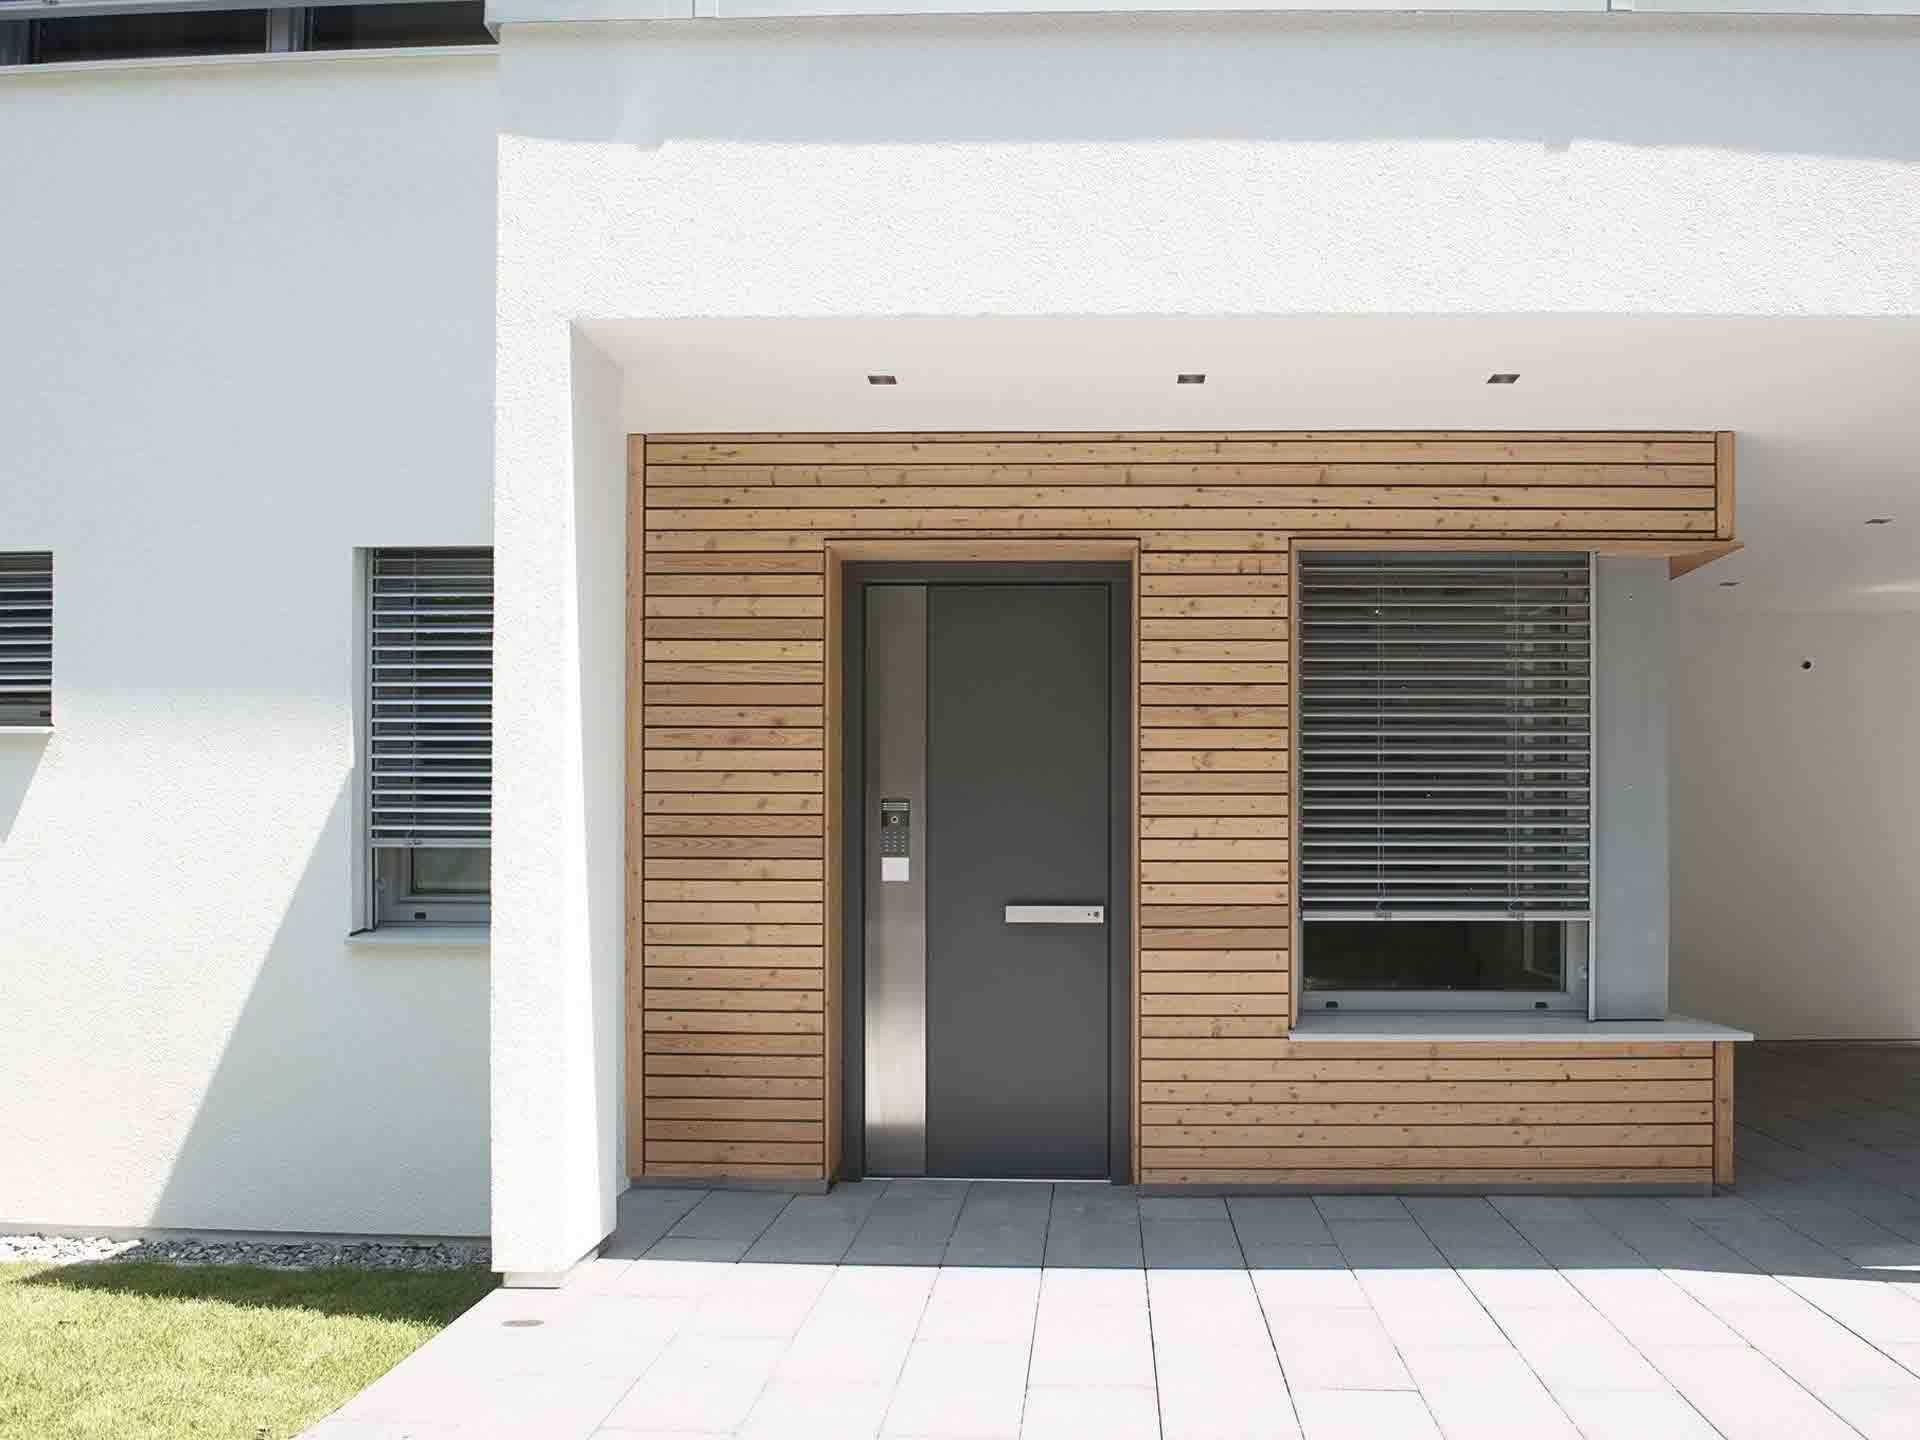 musterhaus citylife haus 700 in rheinau linx weberhaus. Black Bedroom Furniture Sets. Home Design Ideas